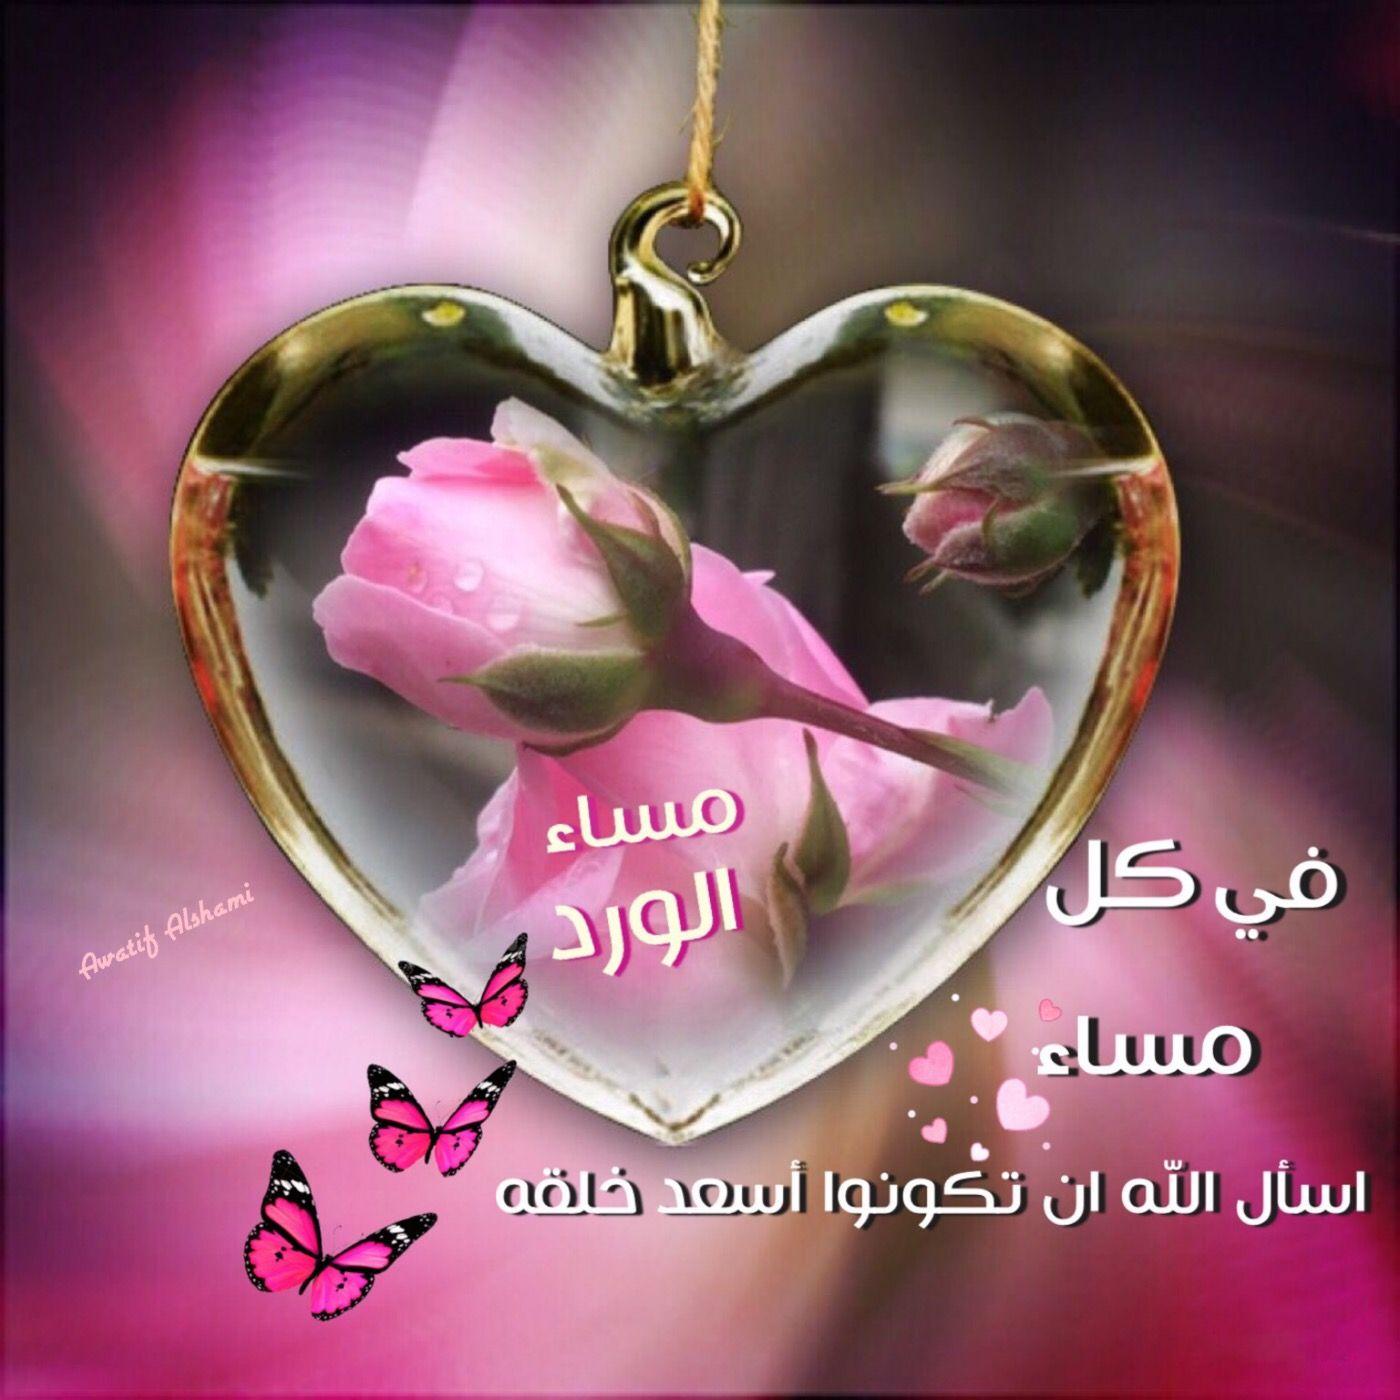 Pin By Sura Adnan On مساء الخير Good Morning Wallpaper Good Morning Gif Quilling Designs